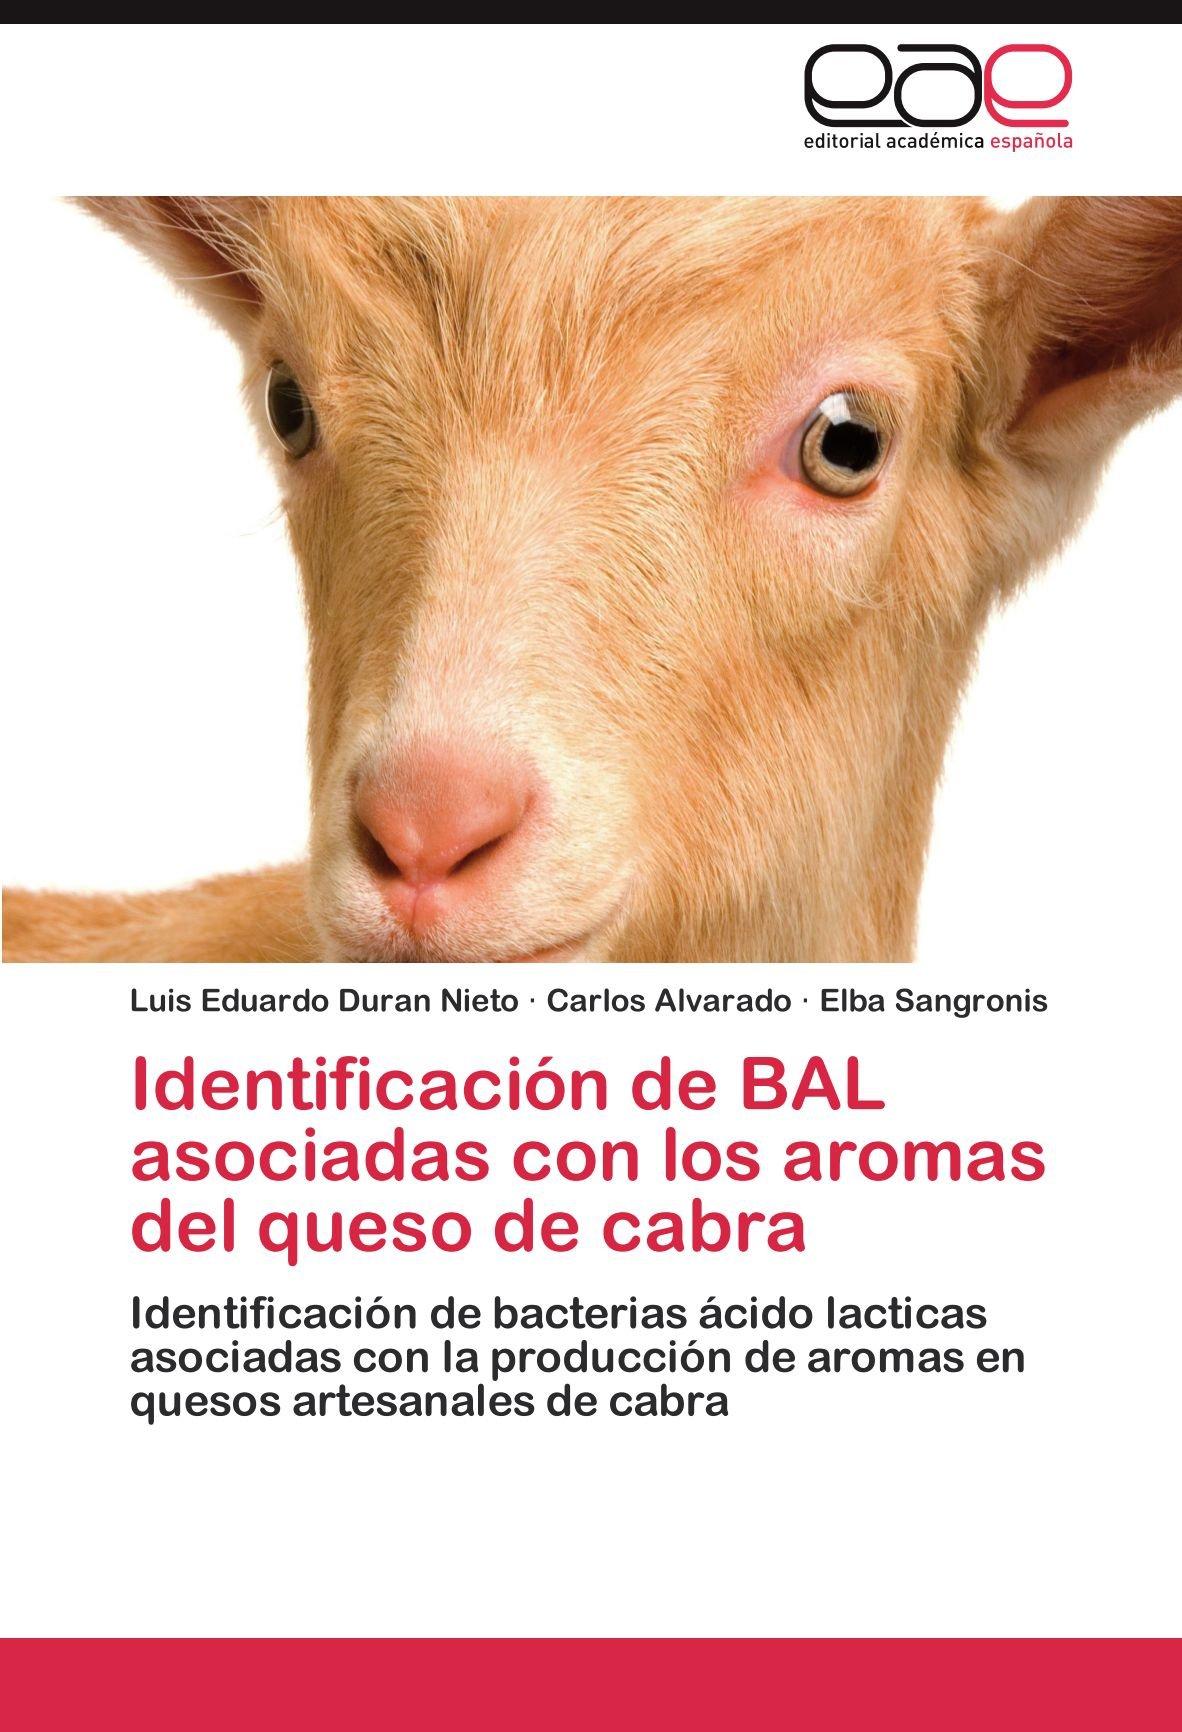 Download Identificación de BAL asociadas con los aromas del queso de cabra: Identificación de bacterias ácido lacticas asociadas con la producción de aromas en quesos artesanales de cabra (Spanish Edition) ebook